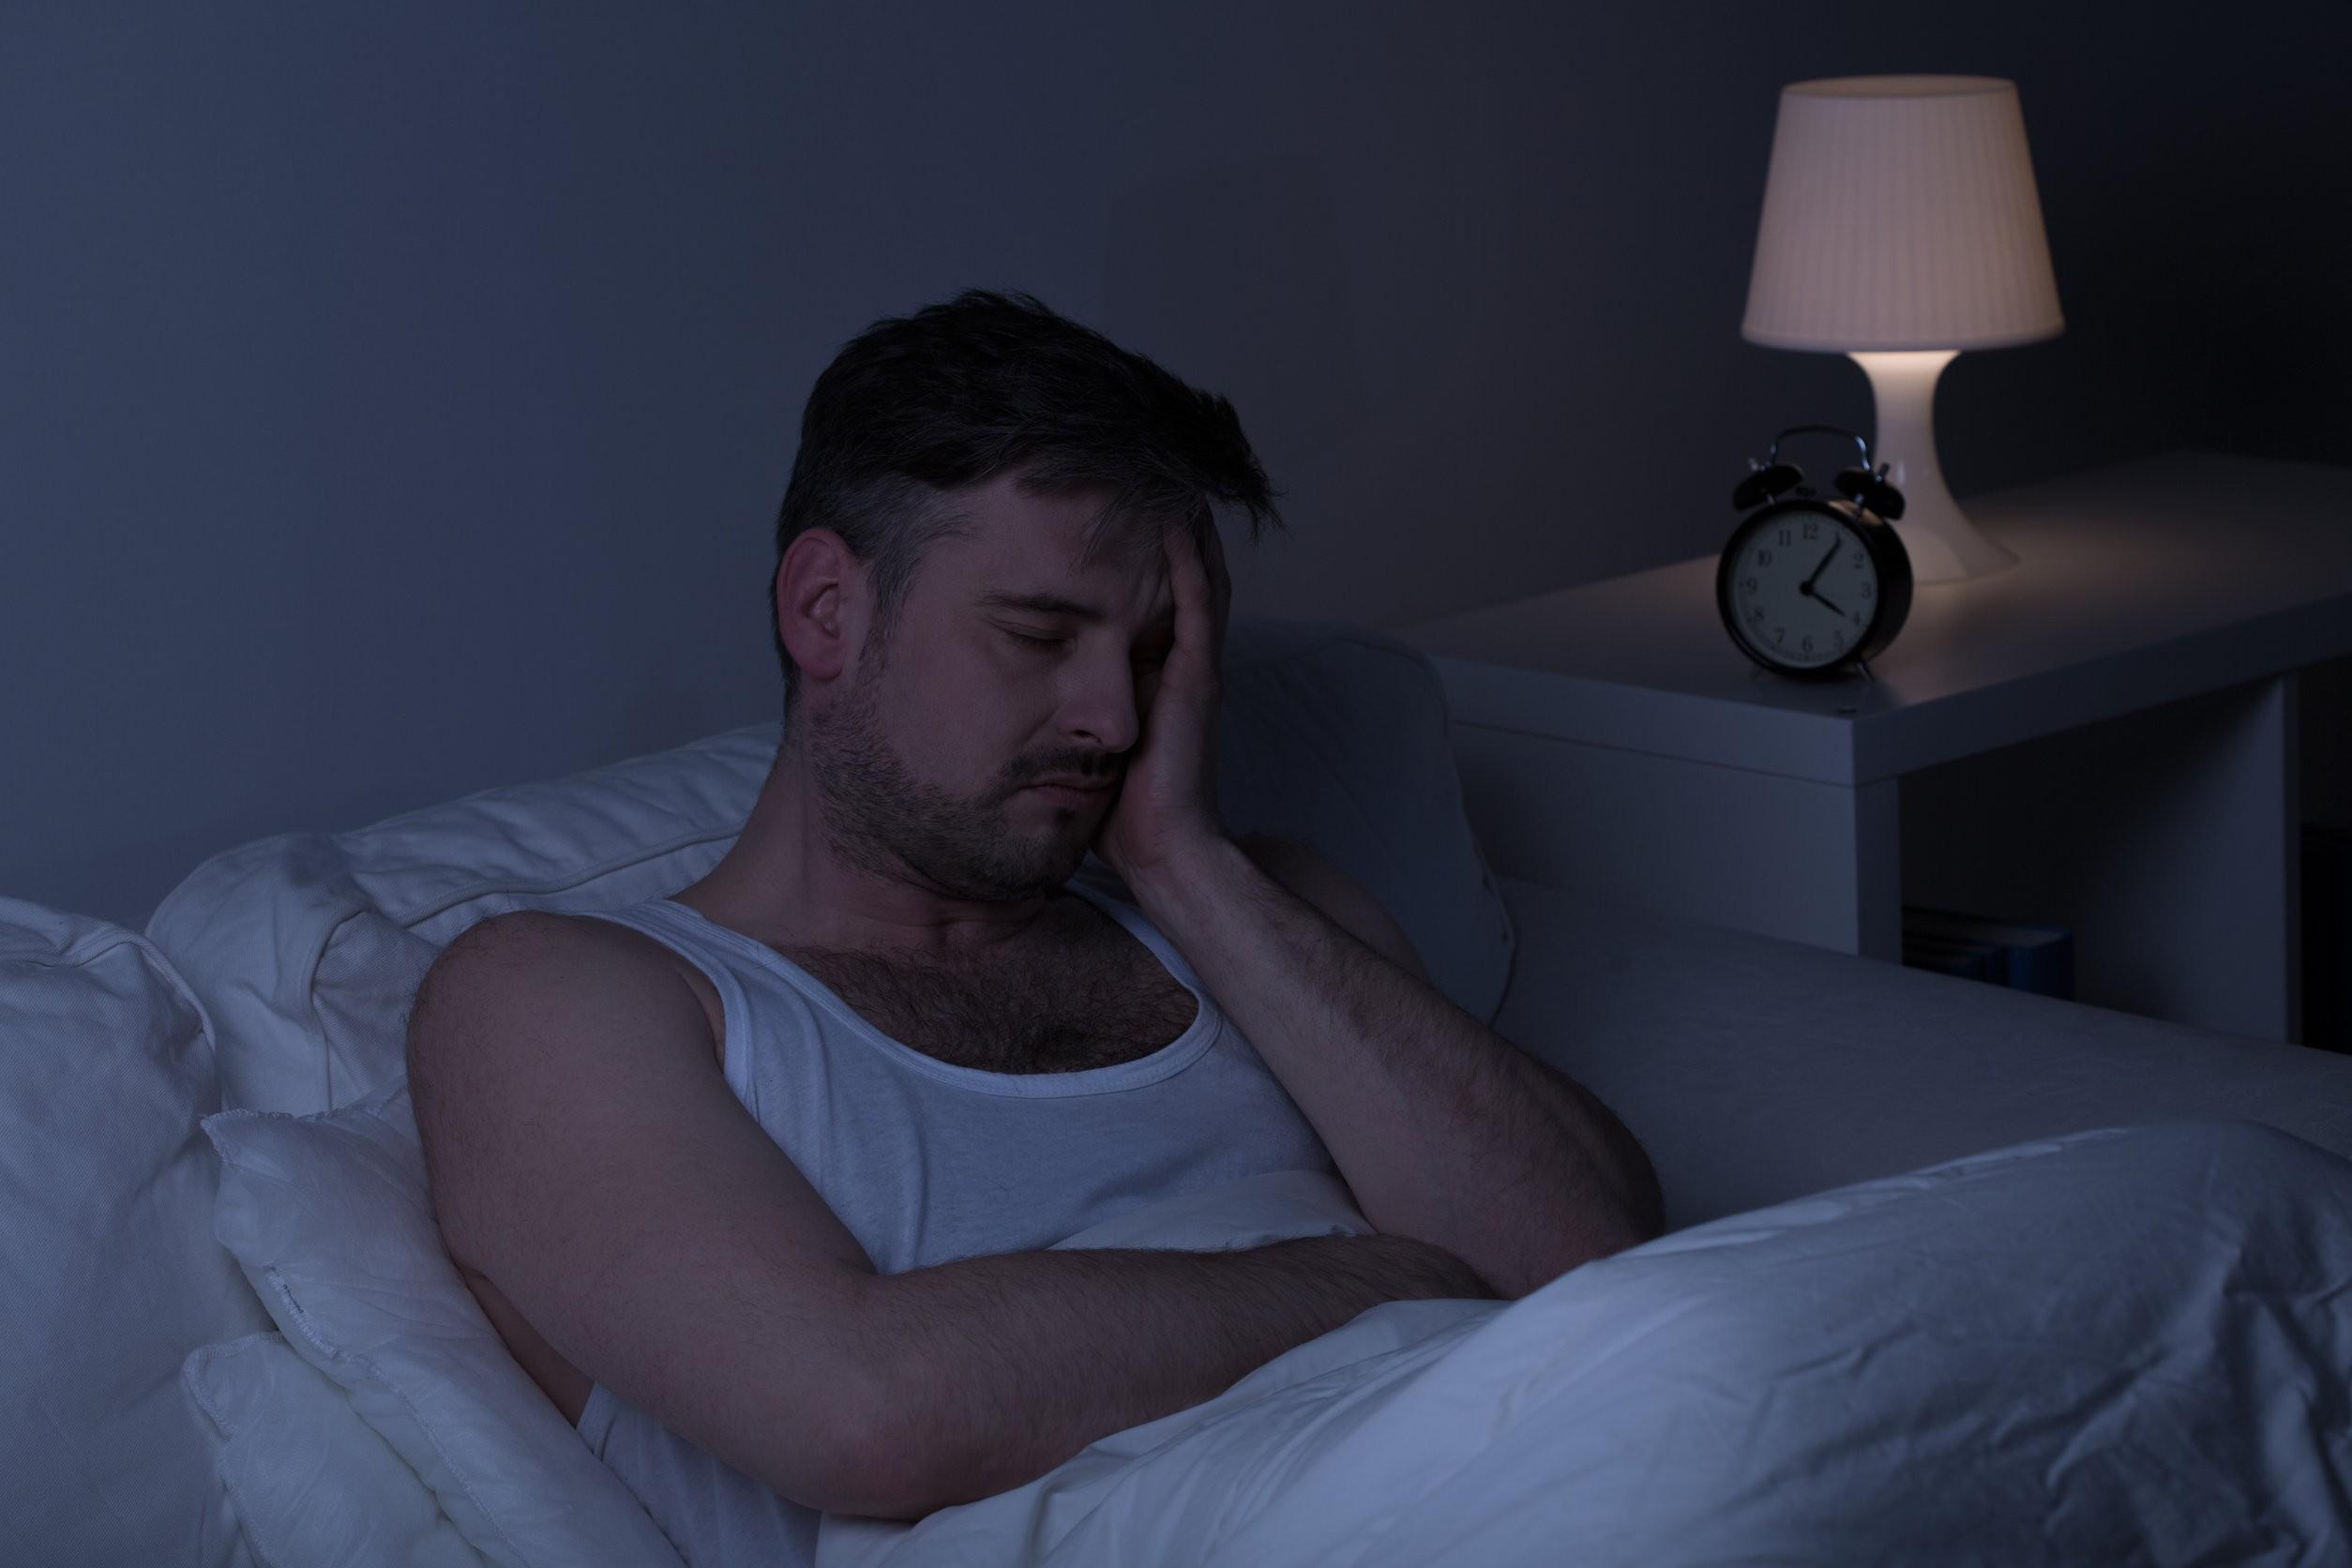 Zmęczony człowiek z bezsennością potrzebuje snu